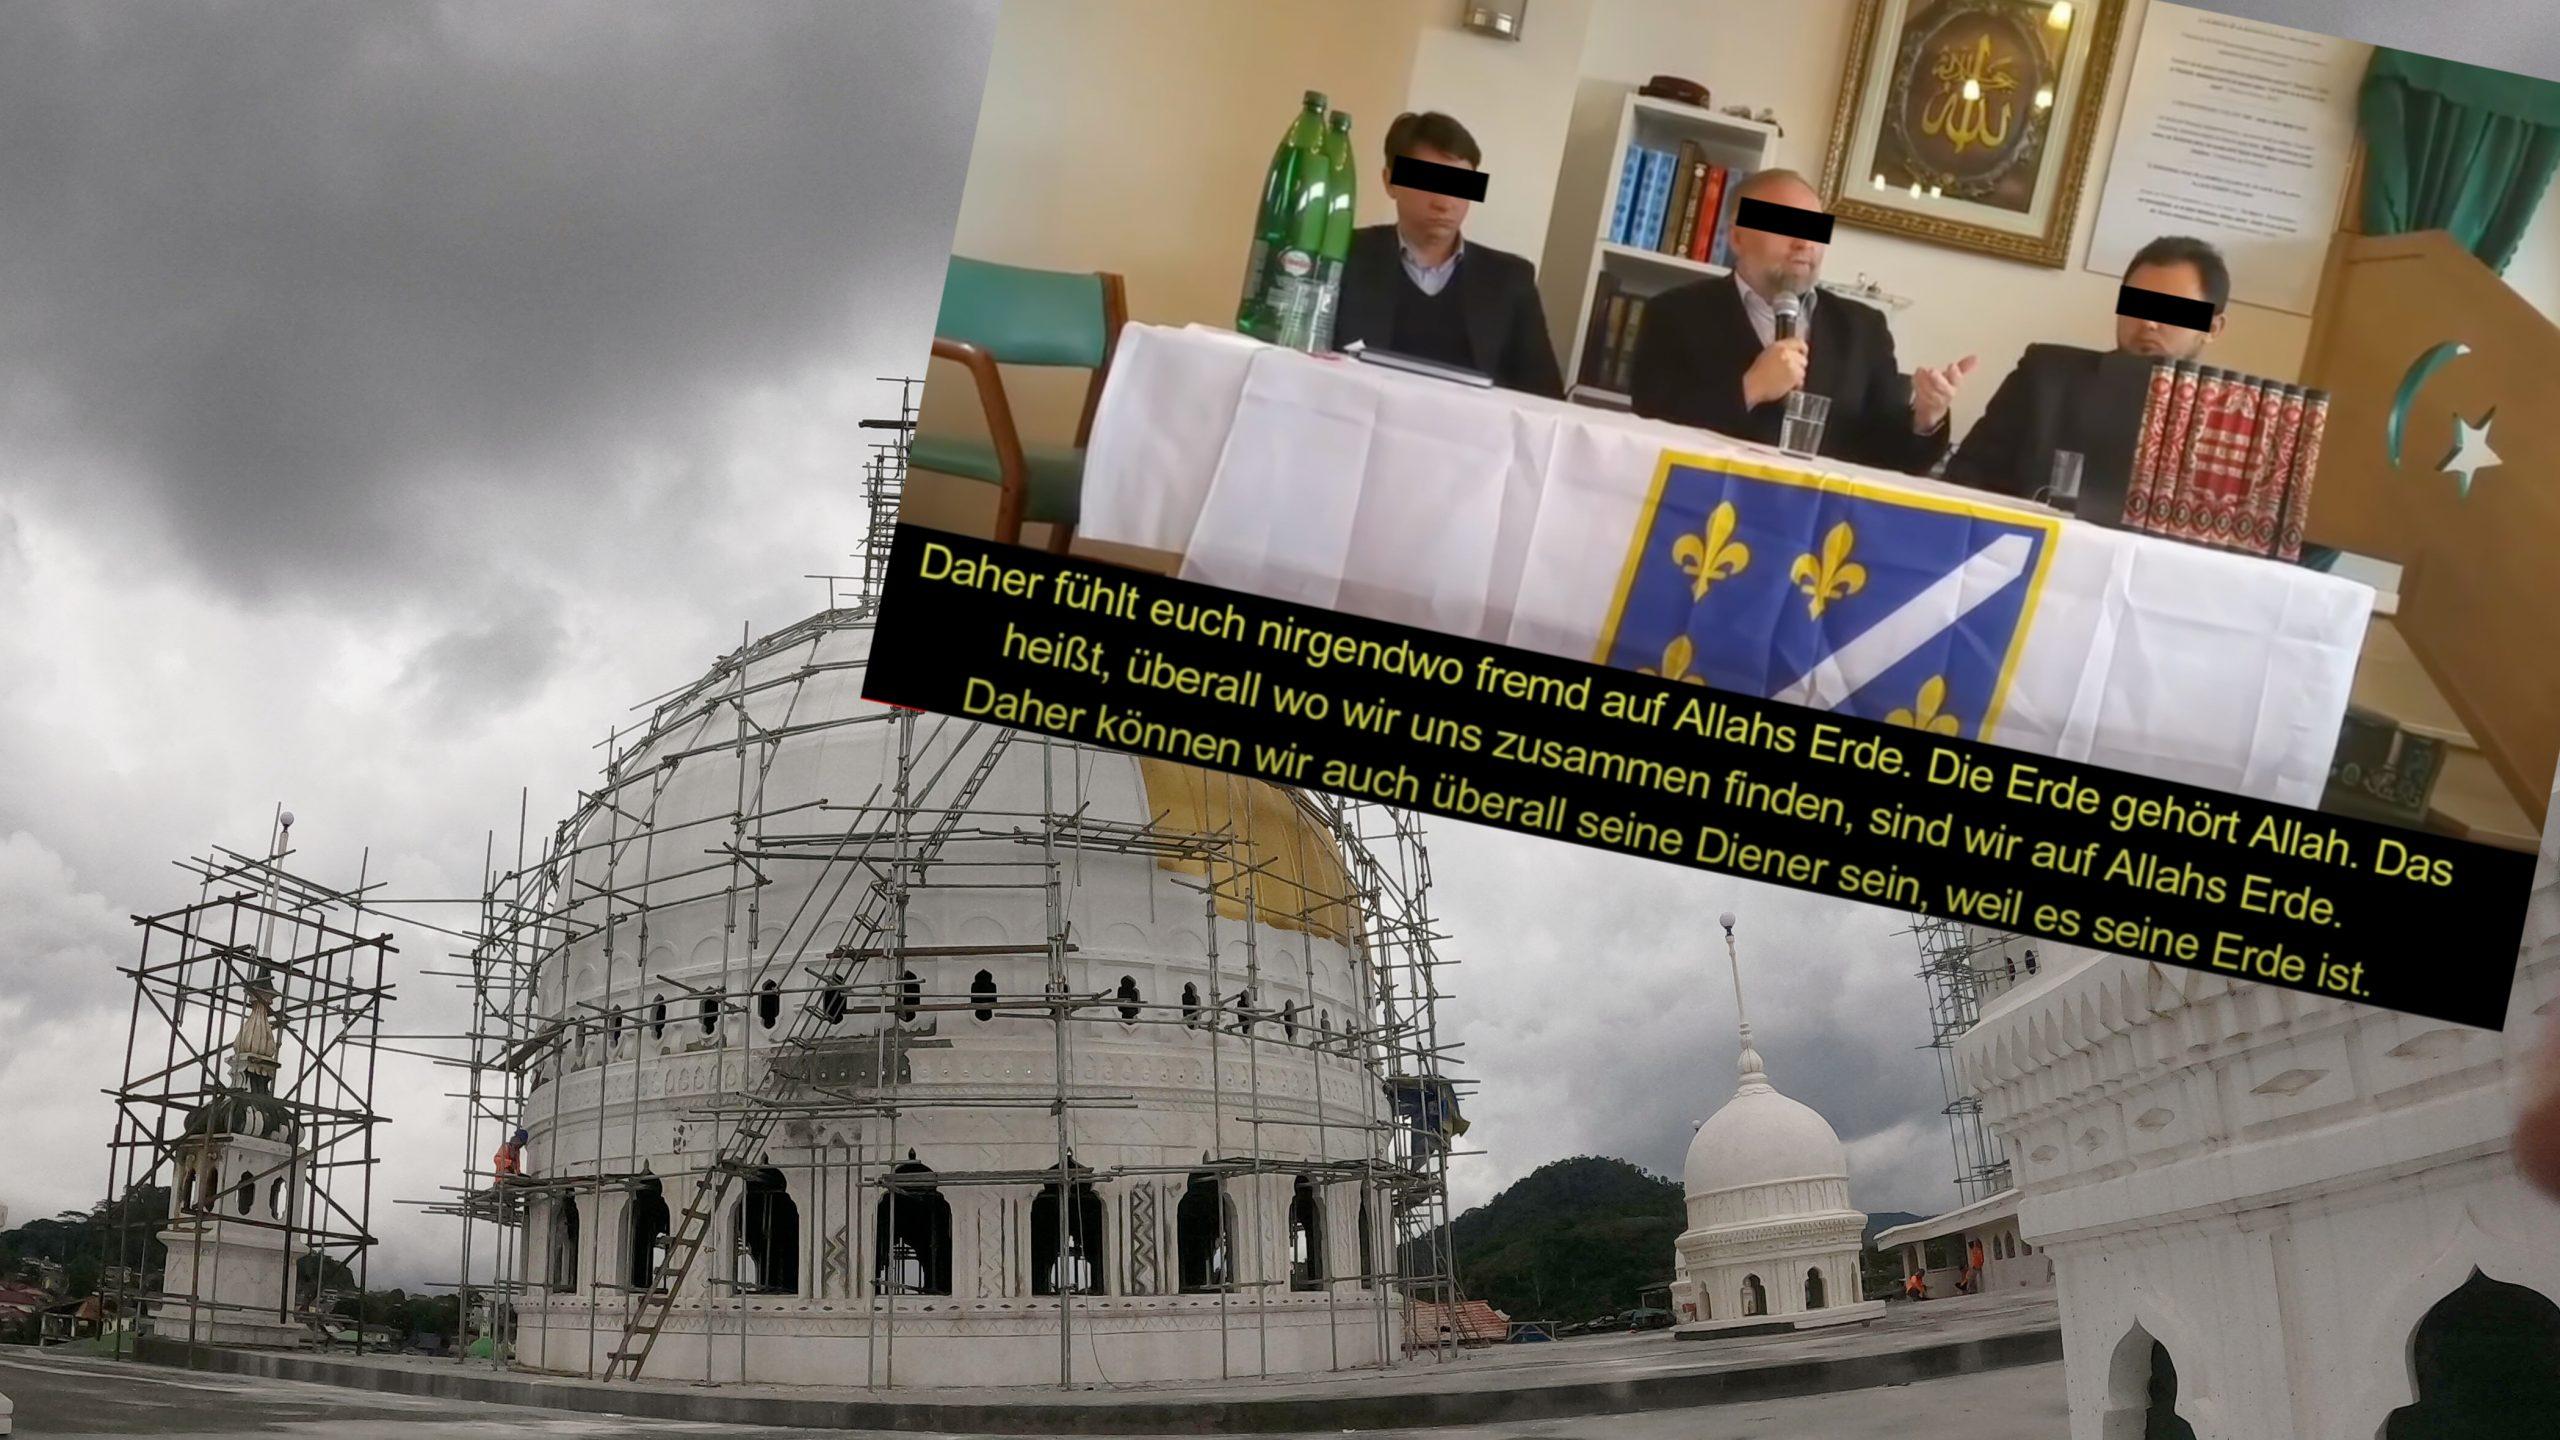 gross-moschee-in-voecklabruck:-investigativ-video-zeigt-geheime-machtplaene